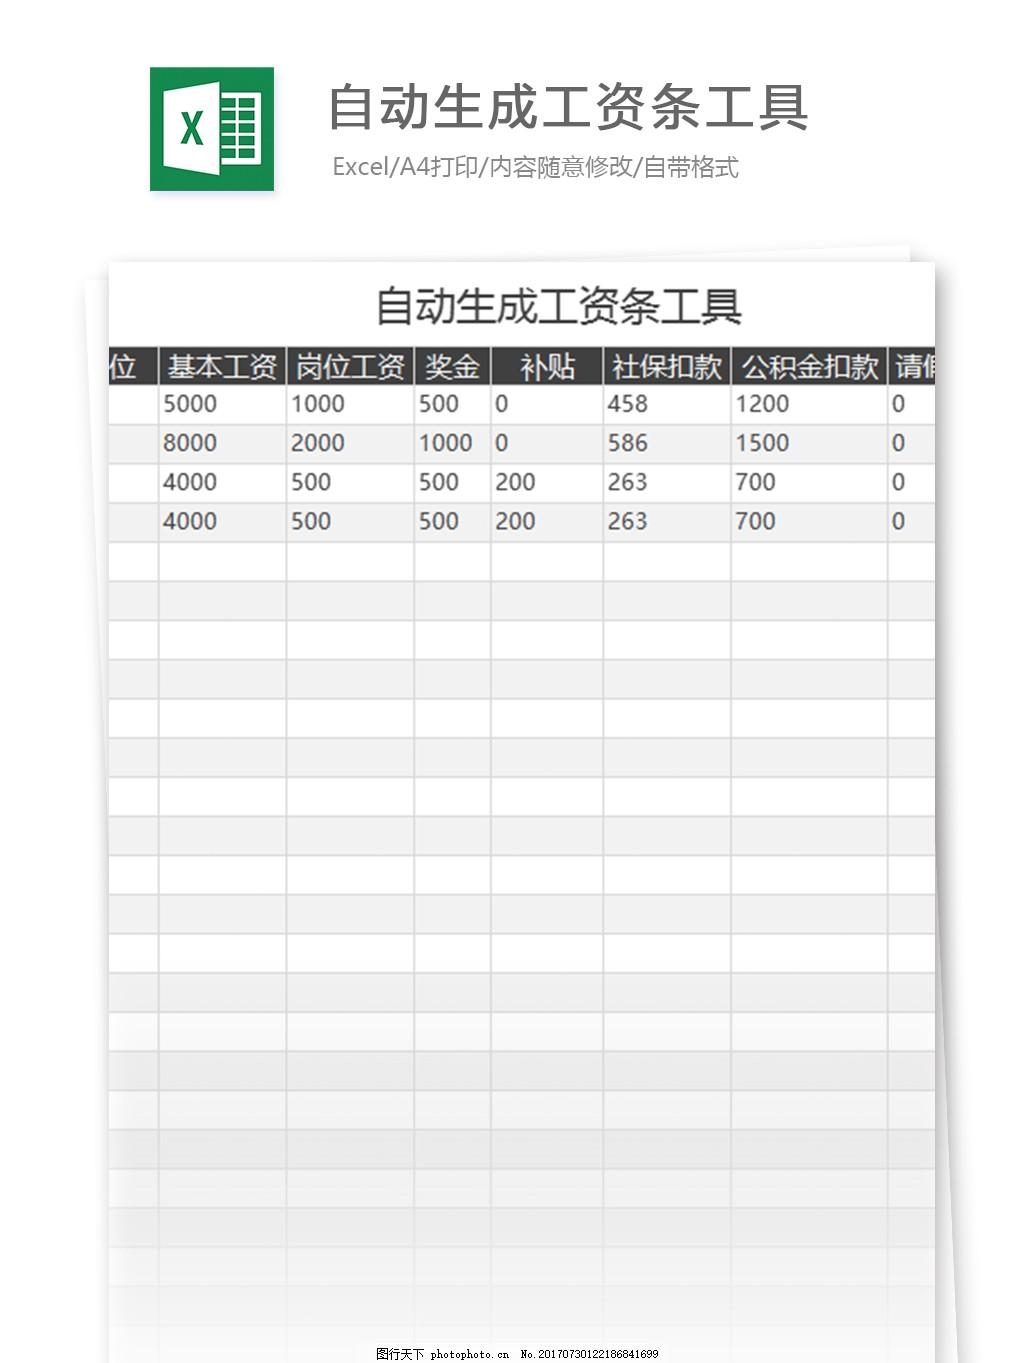 自动生成工资条工具excel表格模板 图表 表格设计 工资表 绩效考核